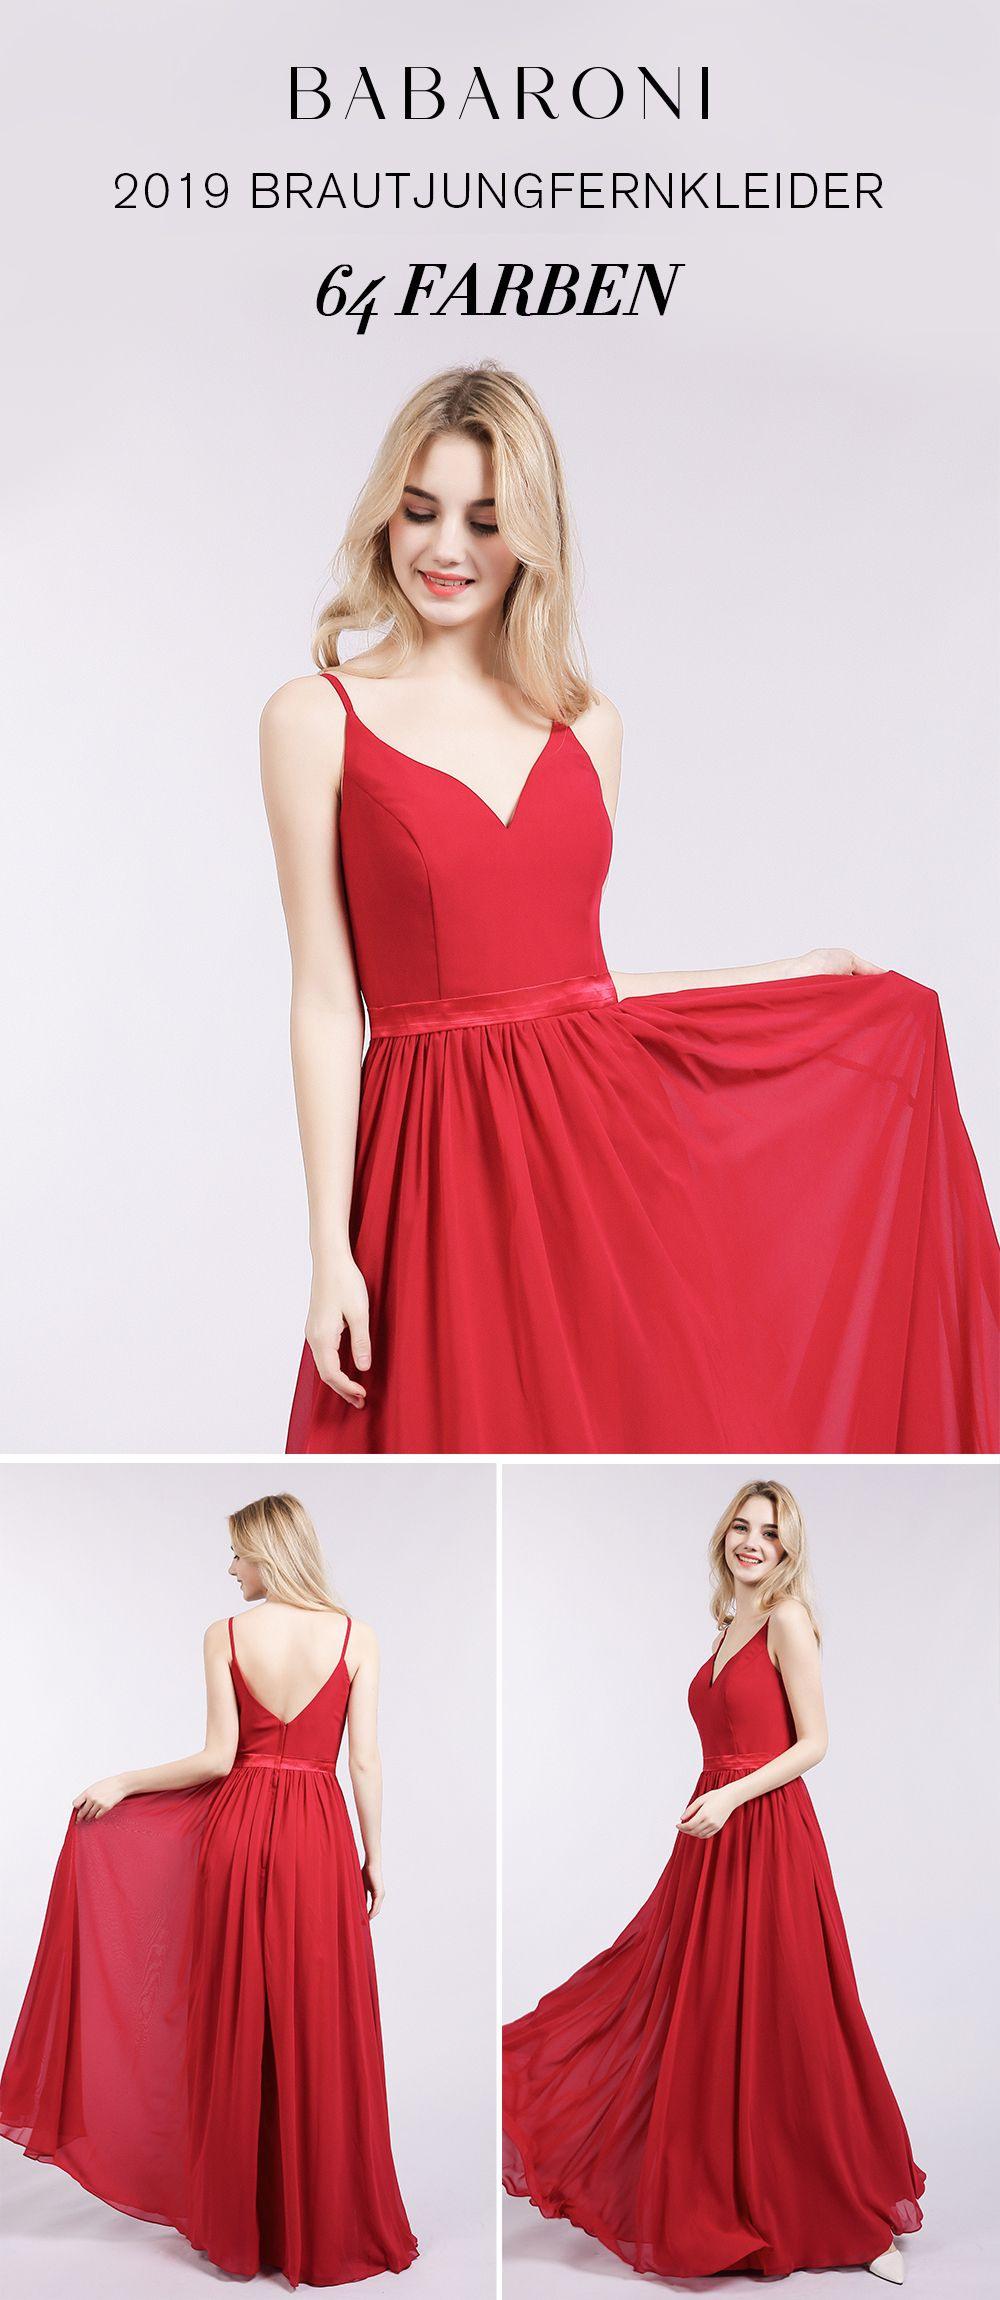 10 Perfekt Schöne Kleider Für Festliche Anlässe GalerieAbend Ausgezeichnet Schöne Kleider Für Festliche Anlässe Spezialgebiet